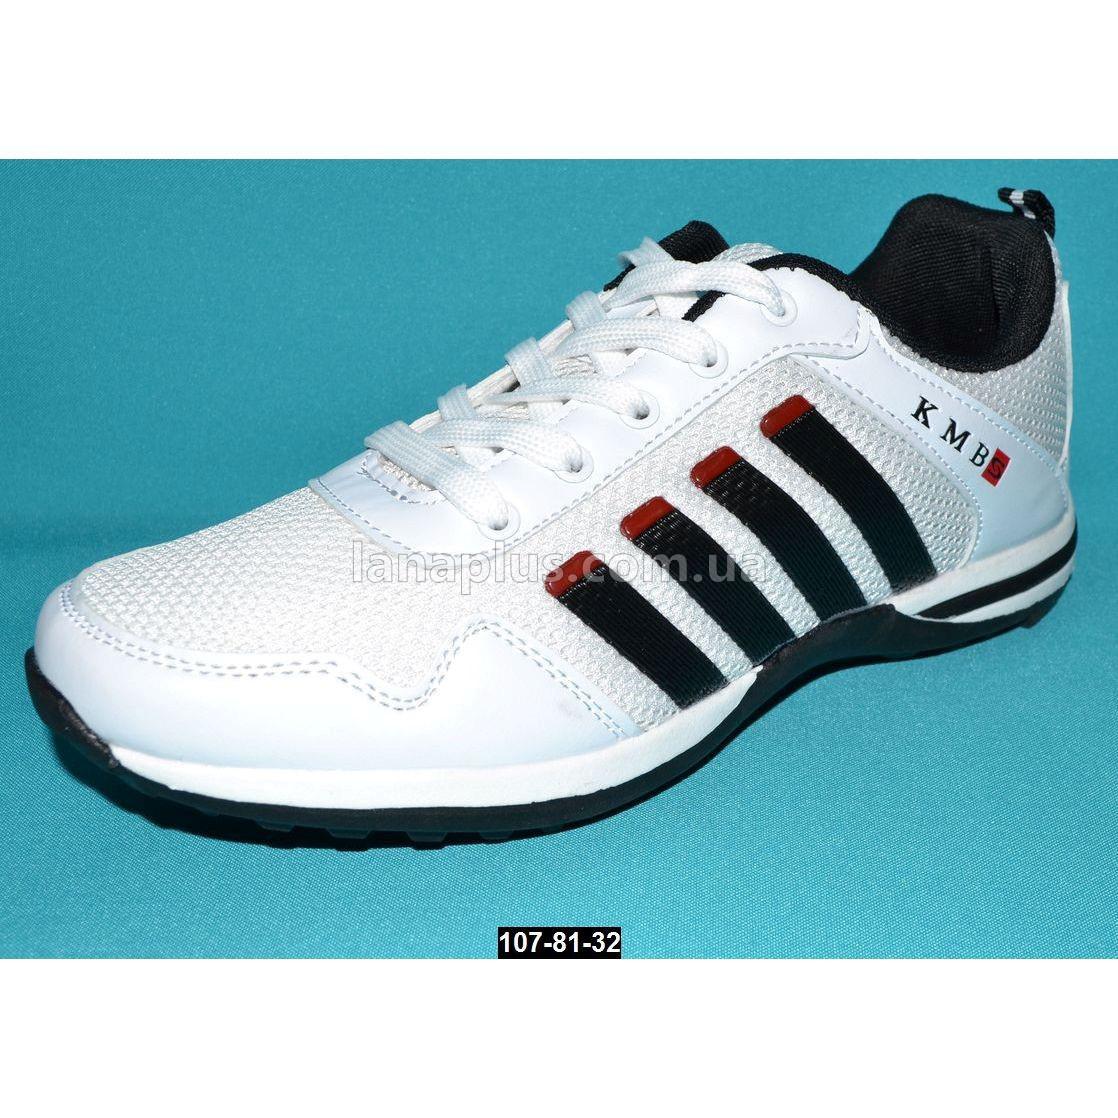 Облегченные кроссовки, 40 размер (26.1 см), подростковые, дышащие